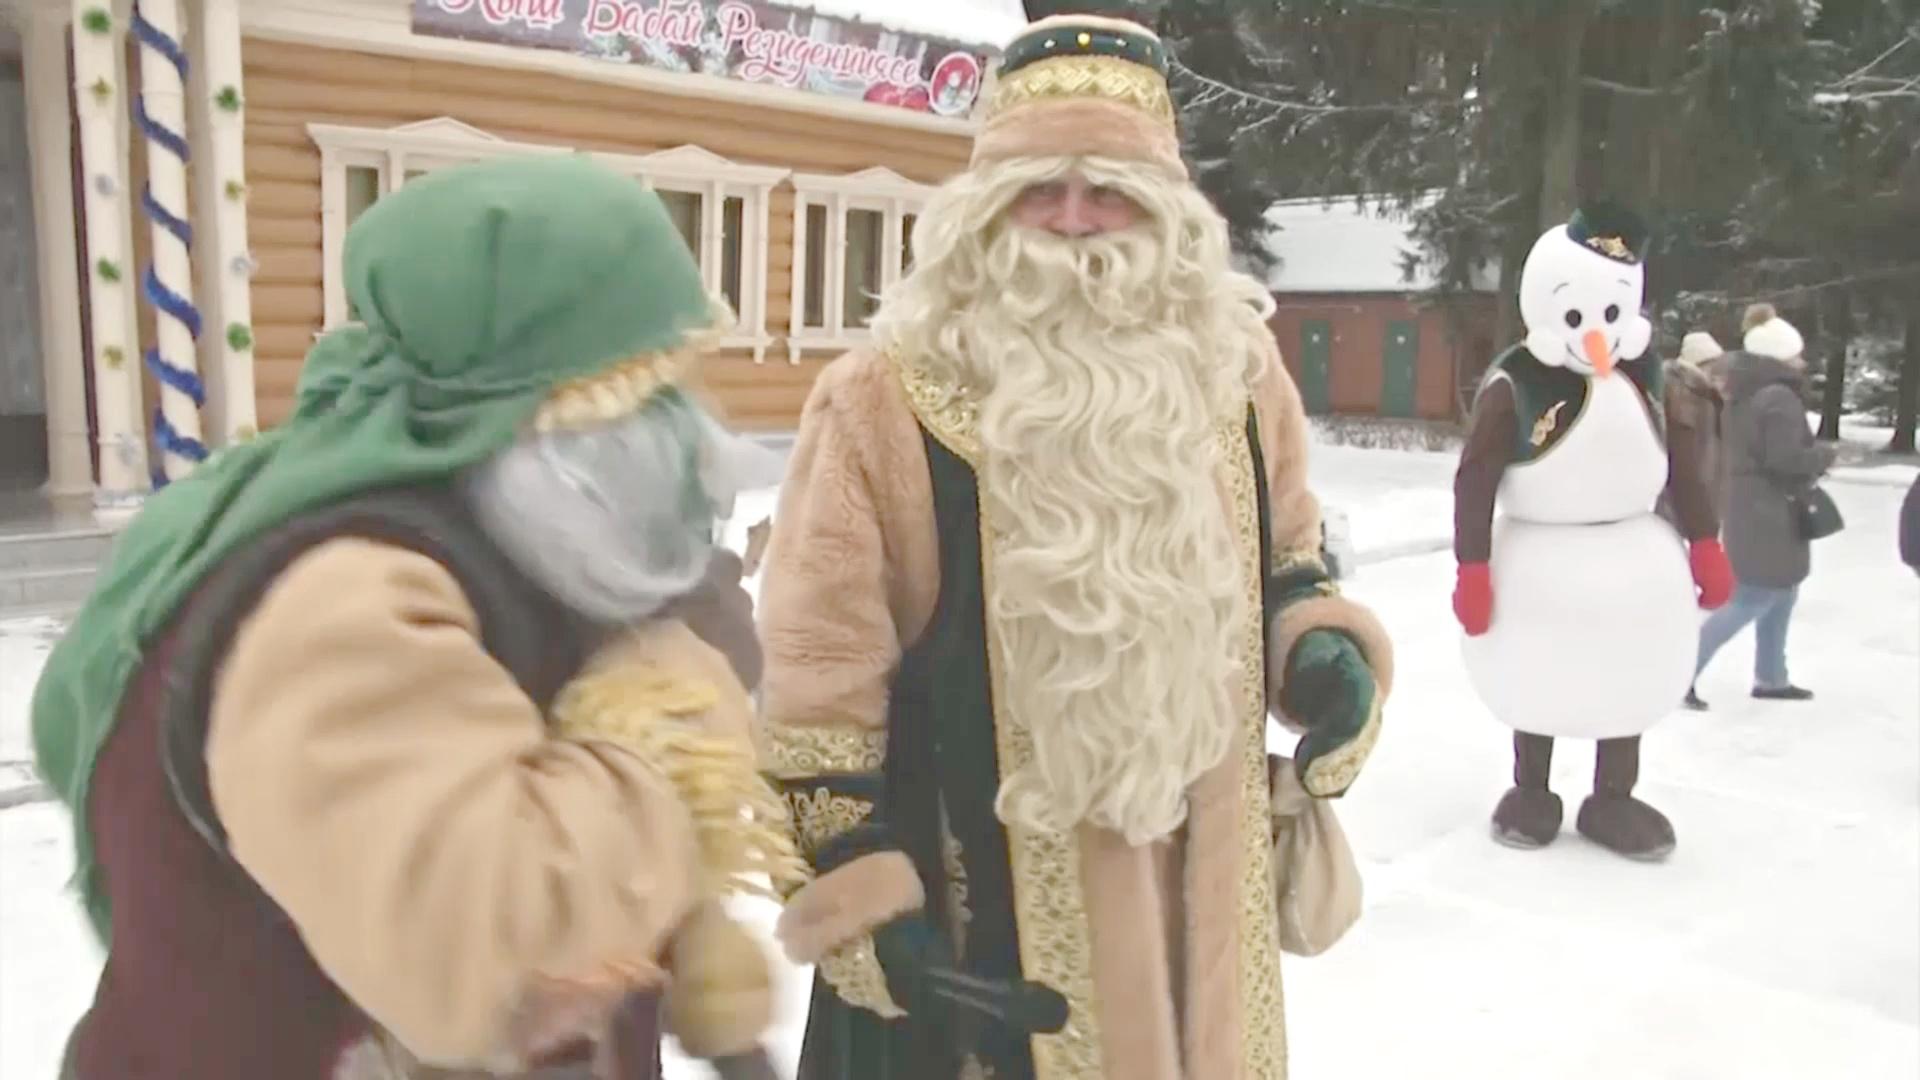 Татарский дед Мороз встречает гостей в лесу